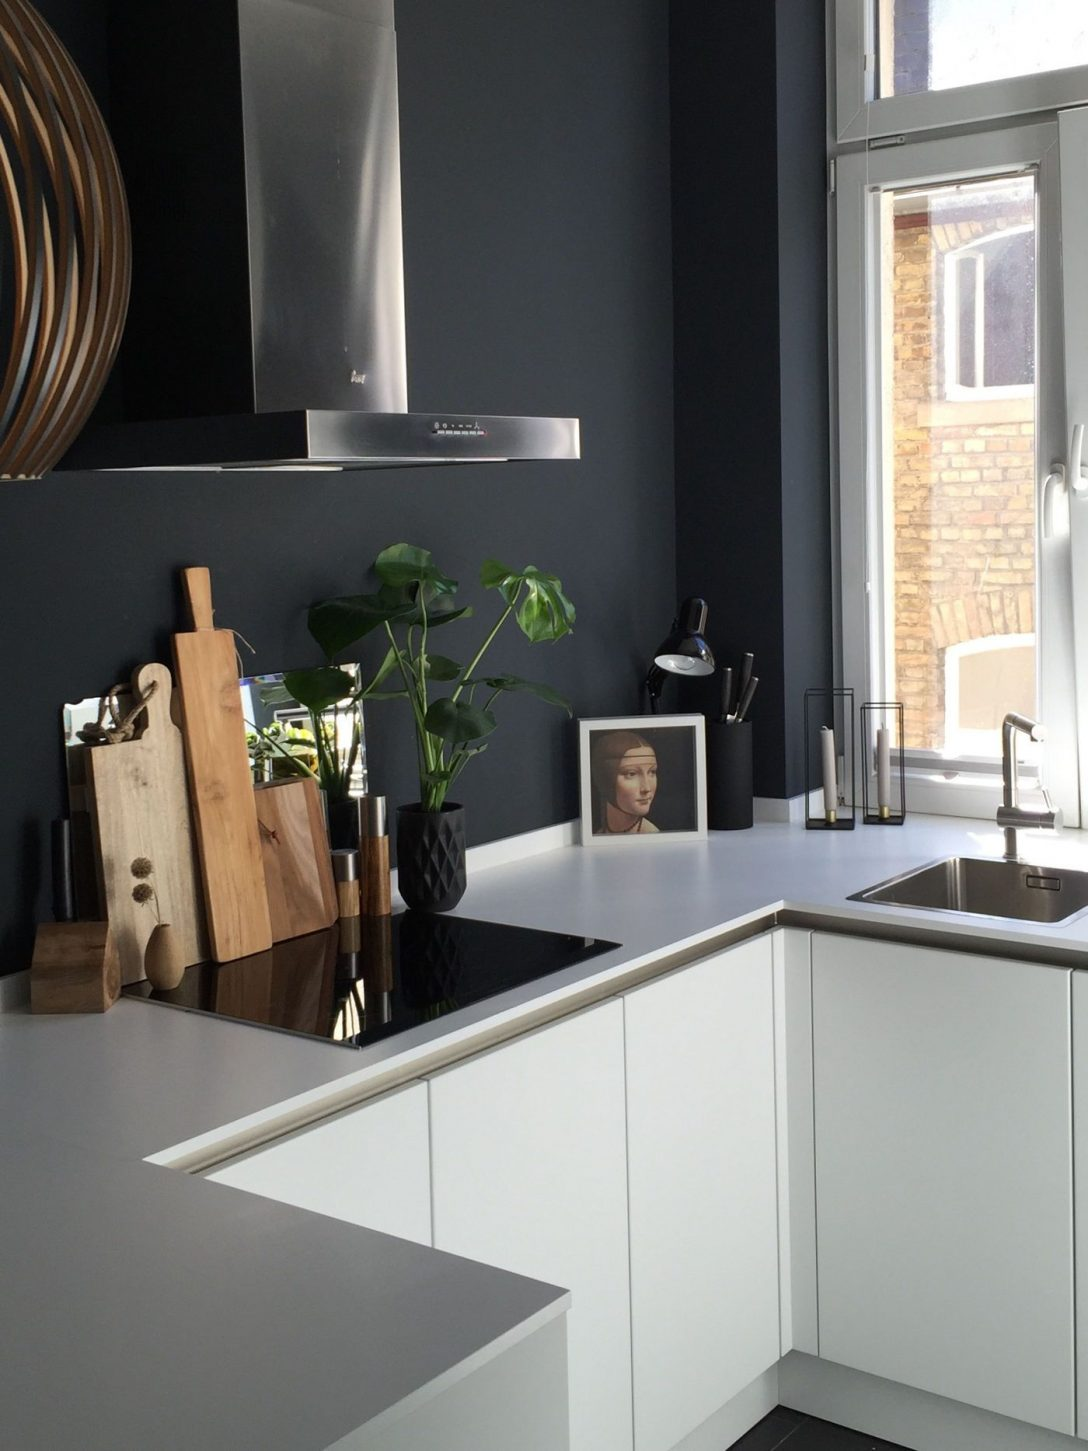 Large Size of Kleines Wohnzimmer Mit Küche Einrichten Küche Einrichten Youtube Koschere Küche Einrichten Küche Einrichten Shabby Chic Küche Küche Einrichten